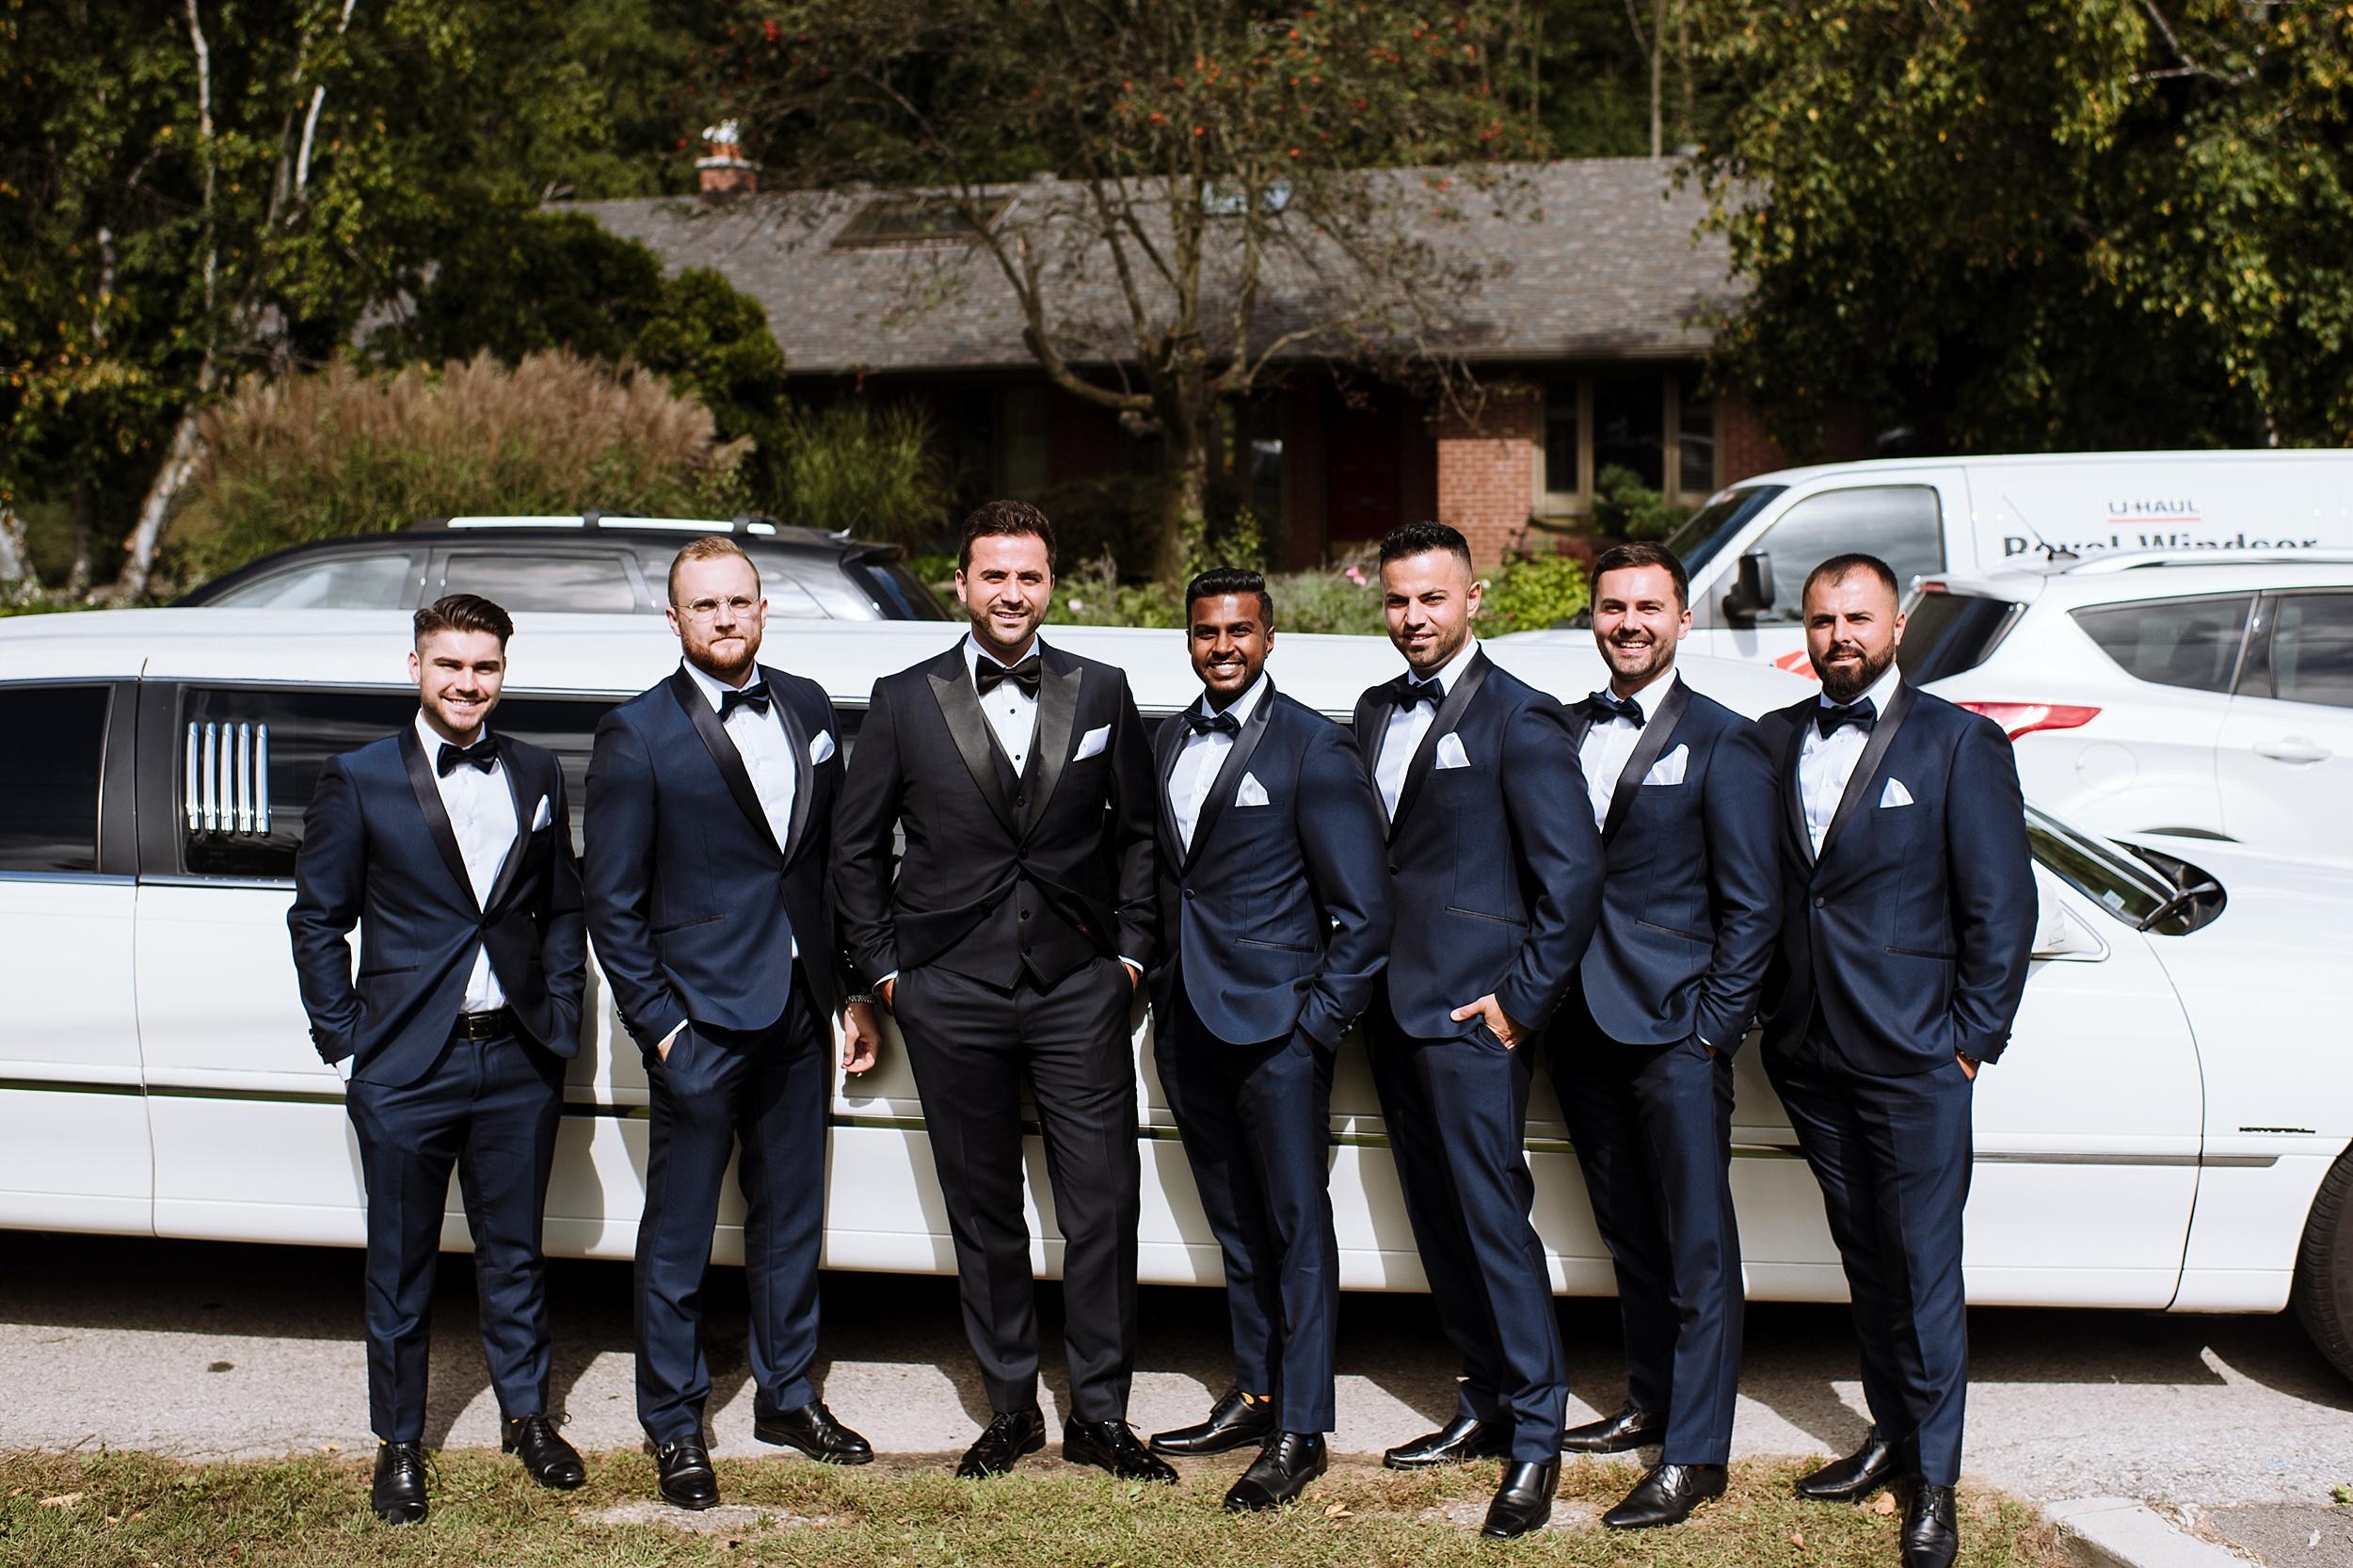 Rustic_Backyard_Wedding_Toronto_Photographer033.jpg